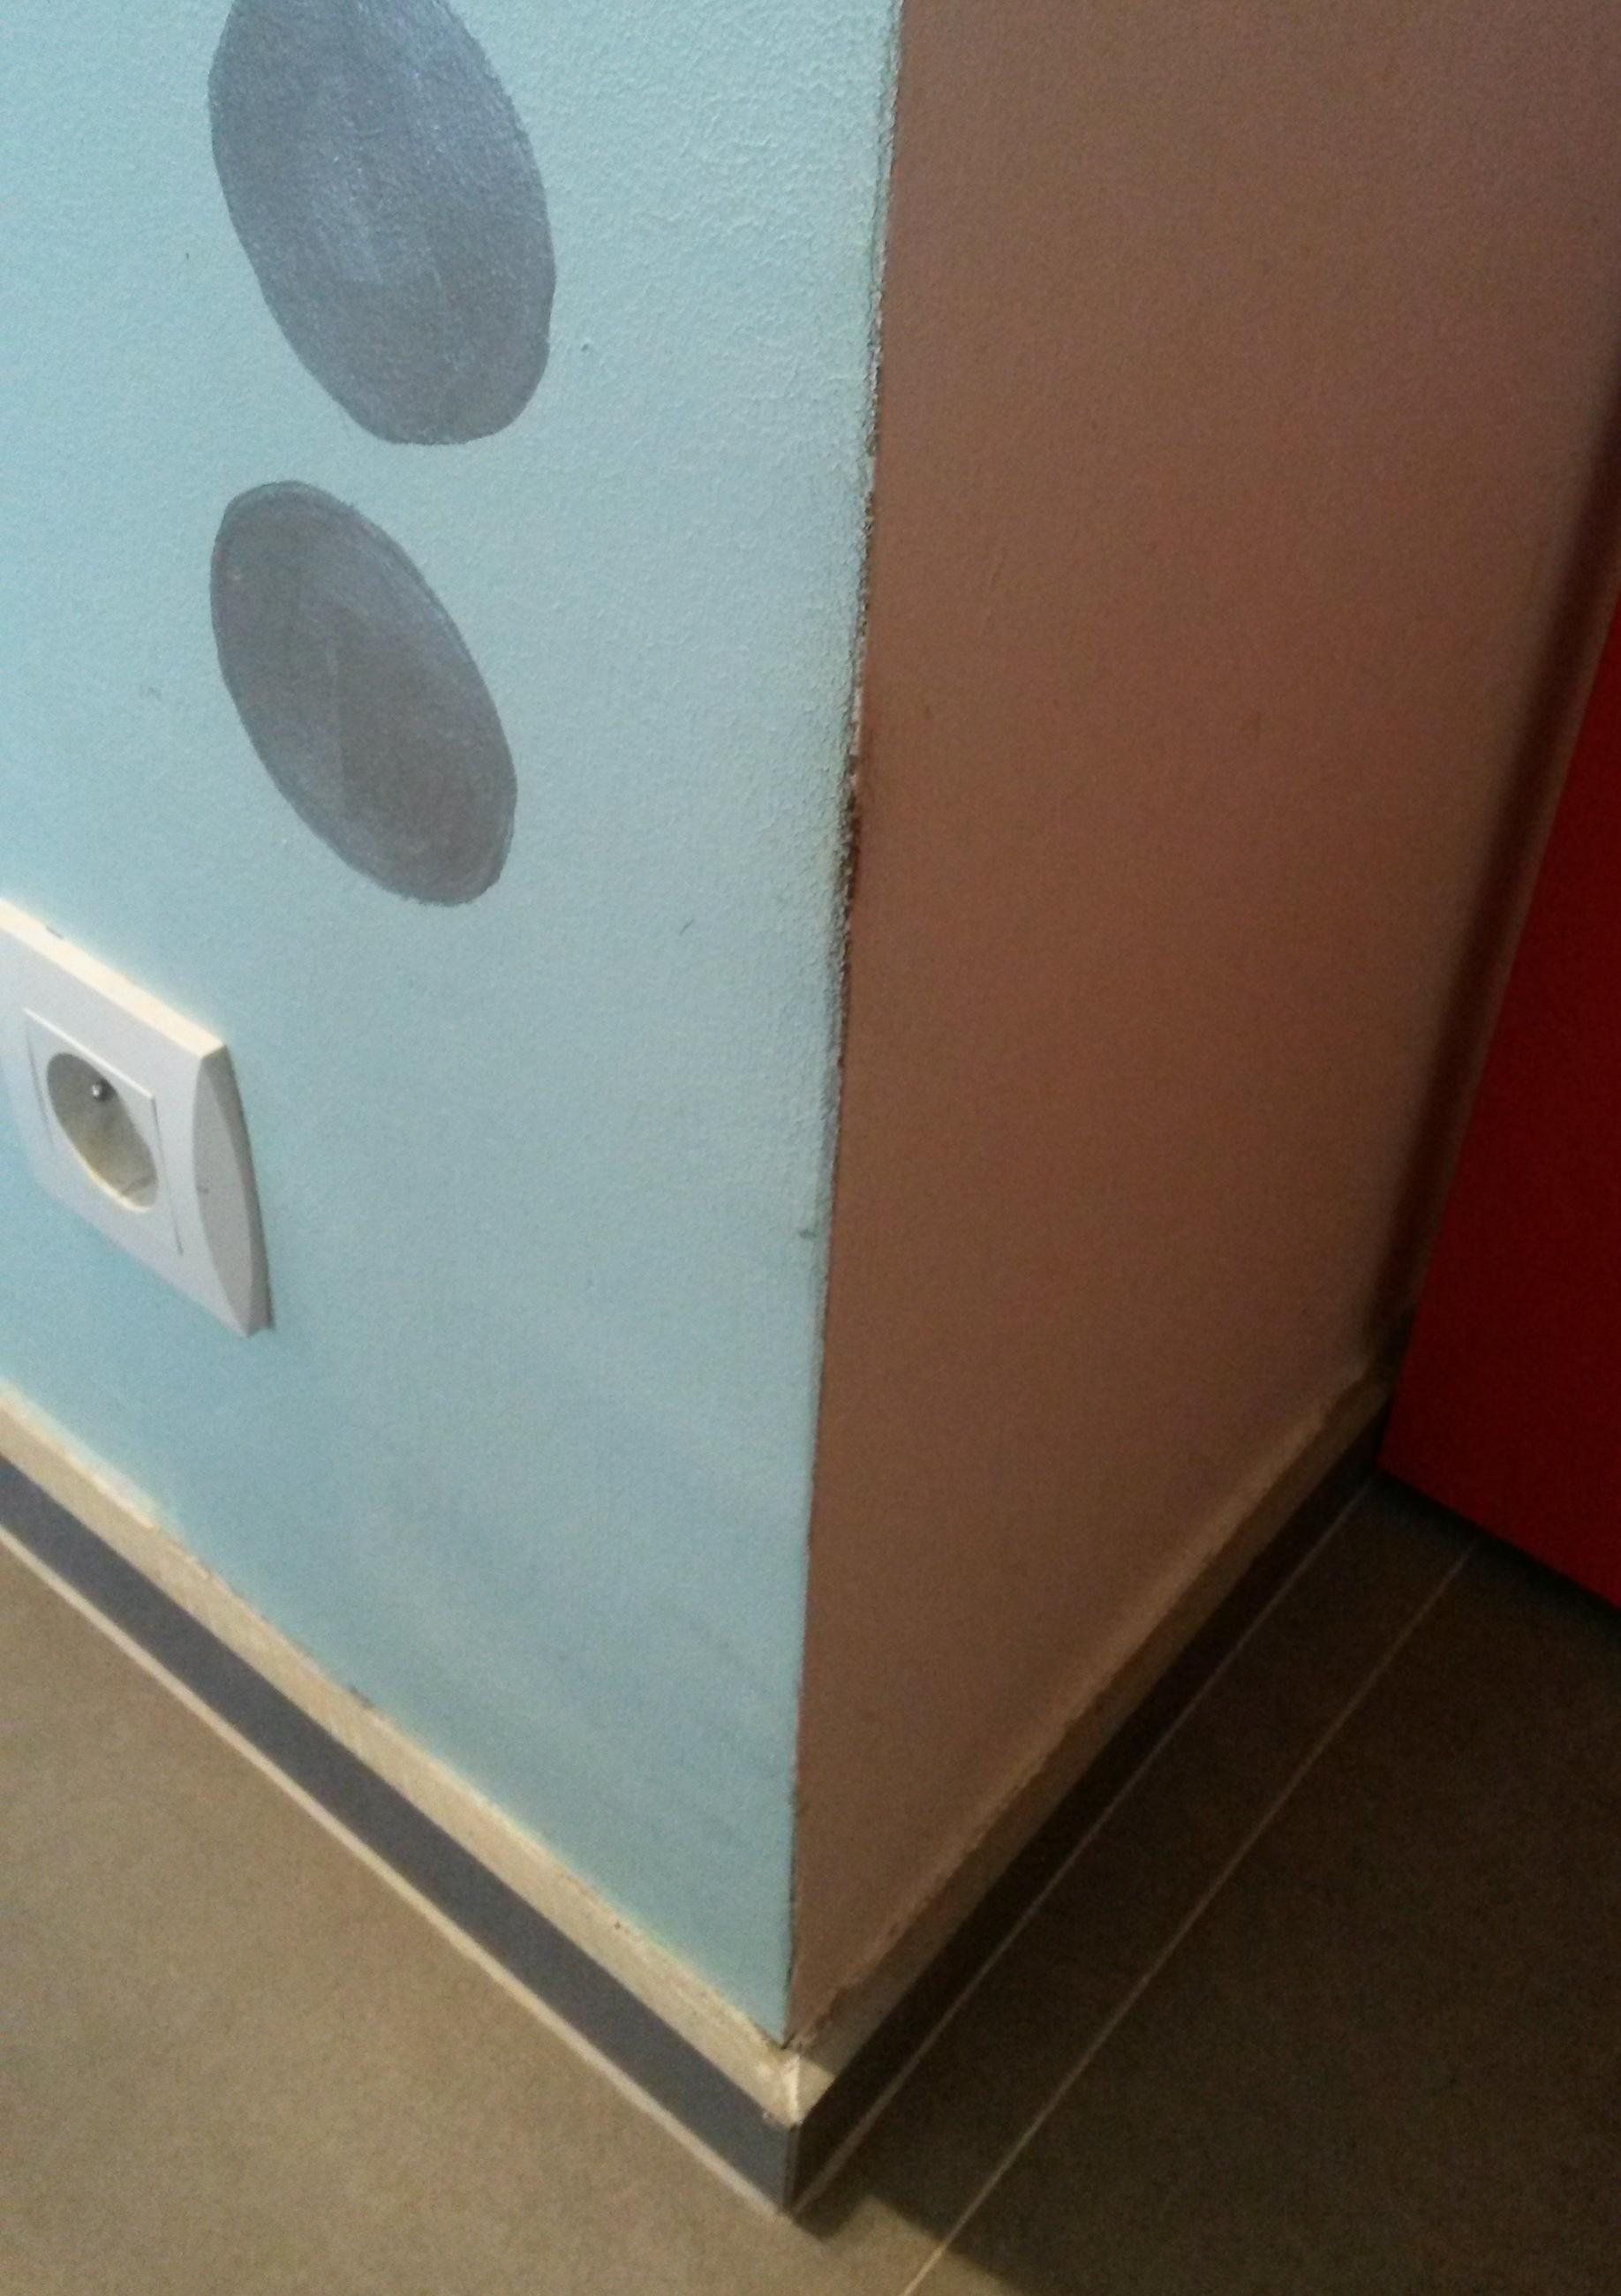 Les marques laissées par les chats sur les murs ne sont pas sales !